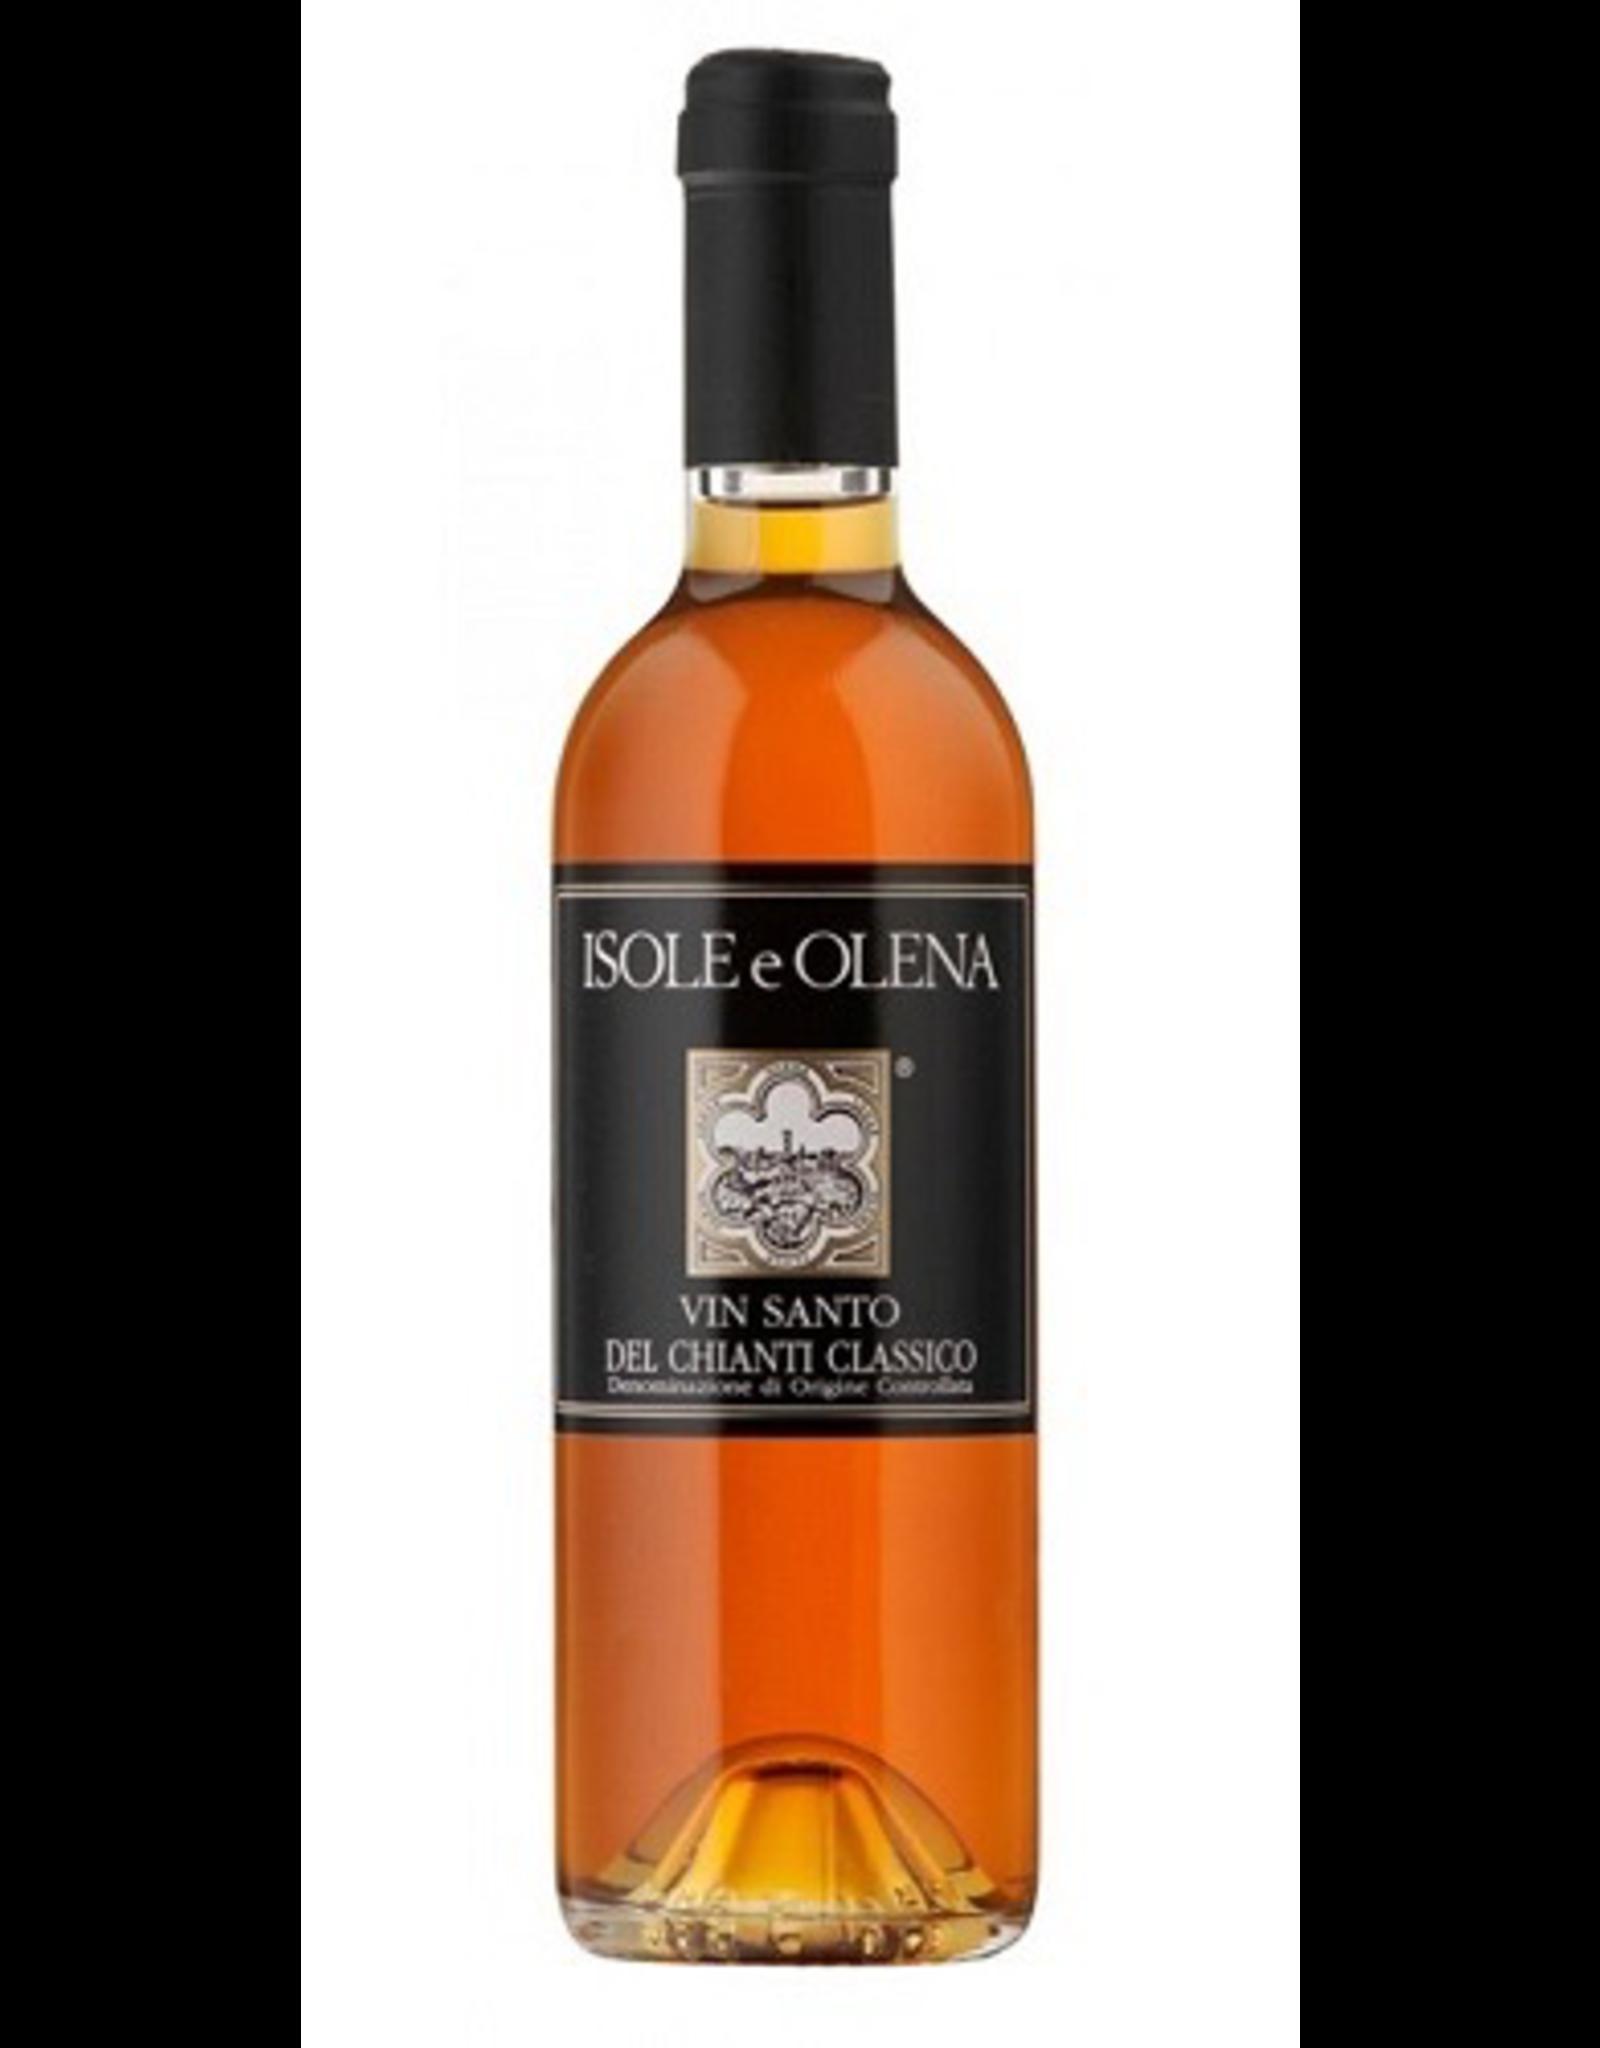 White Wine 2009, Isole e Olena Vin Santo Chianti Classico 375ml, White Wine, Barberino Val D'Elsa, Tuscany, Italy, 13.0% Alc, RP95